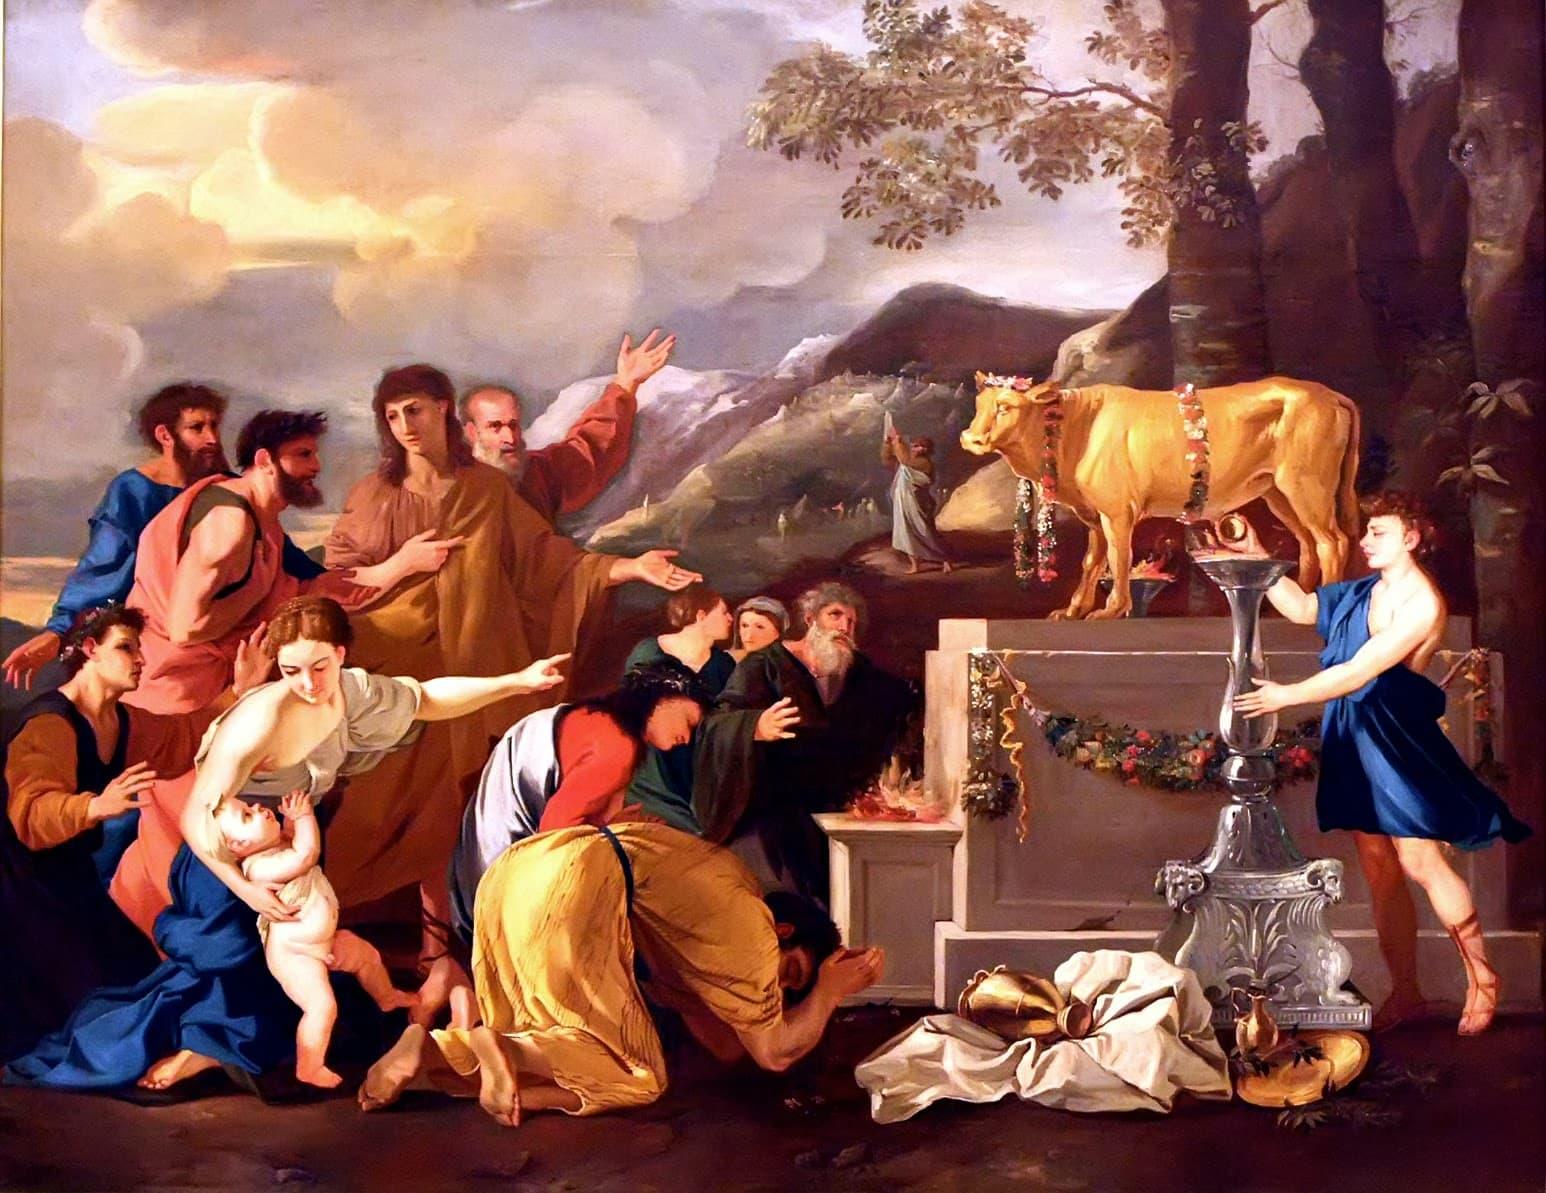 Иконите – Вяра или езичество?